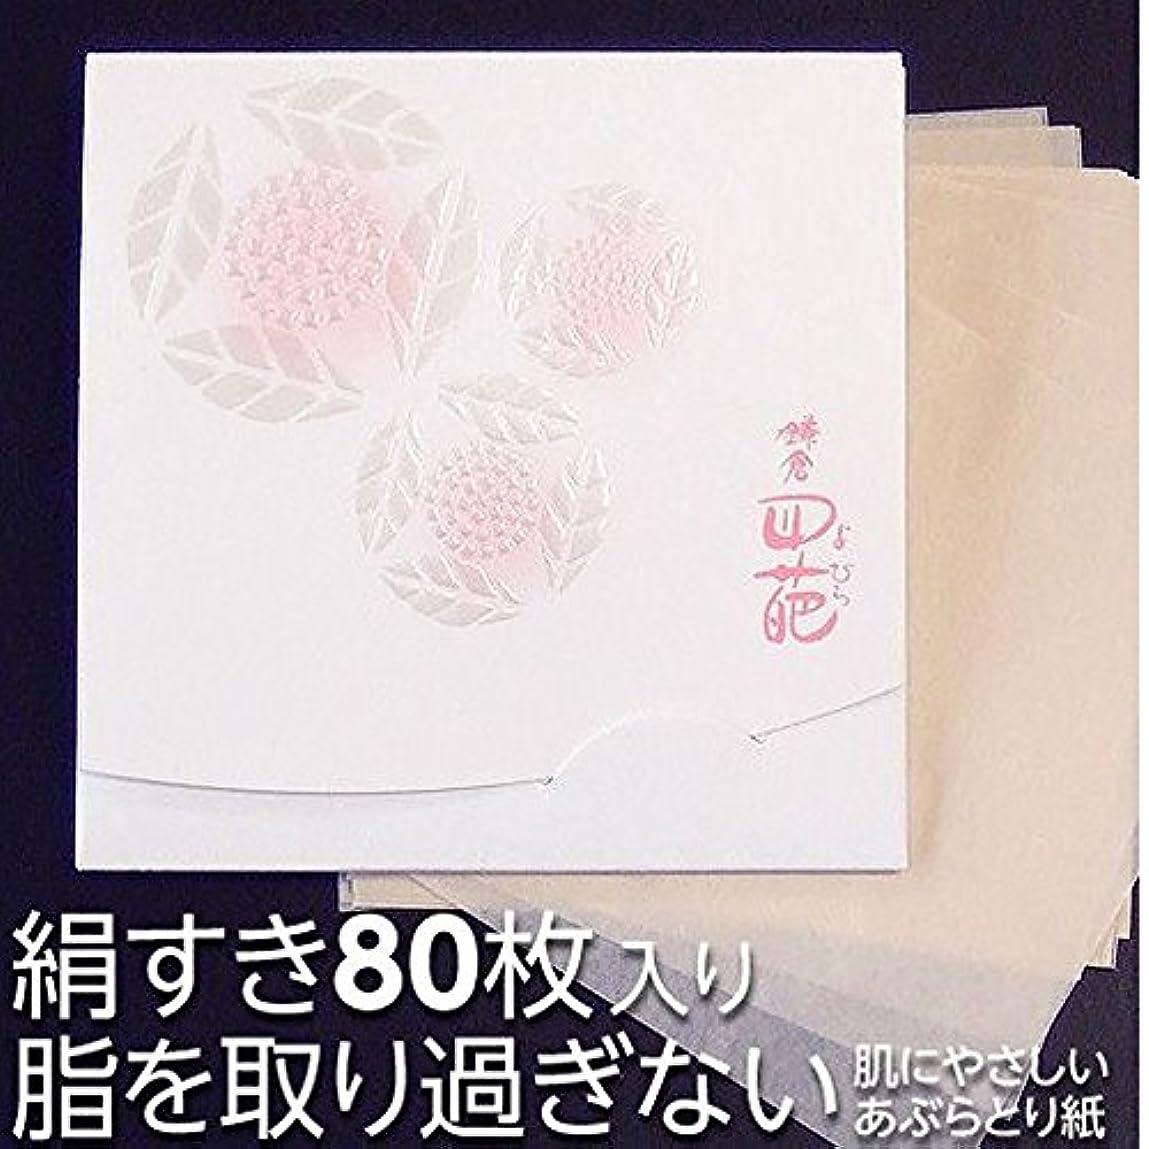 球状ビルマ薄める80枚入り よひらケース「絹すき」 方形????